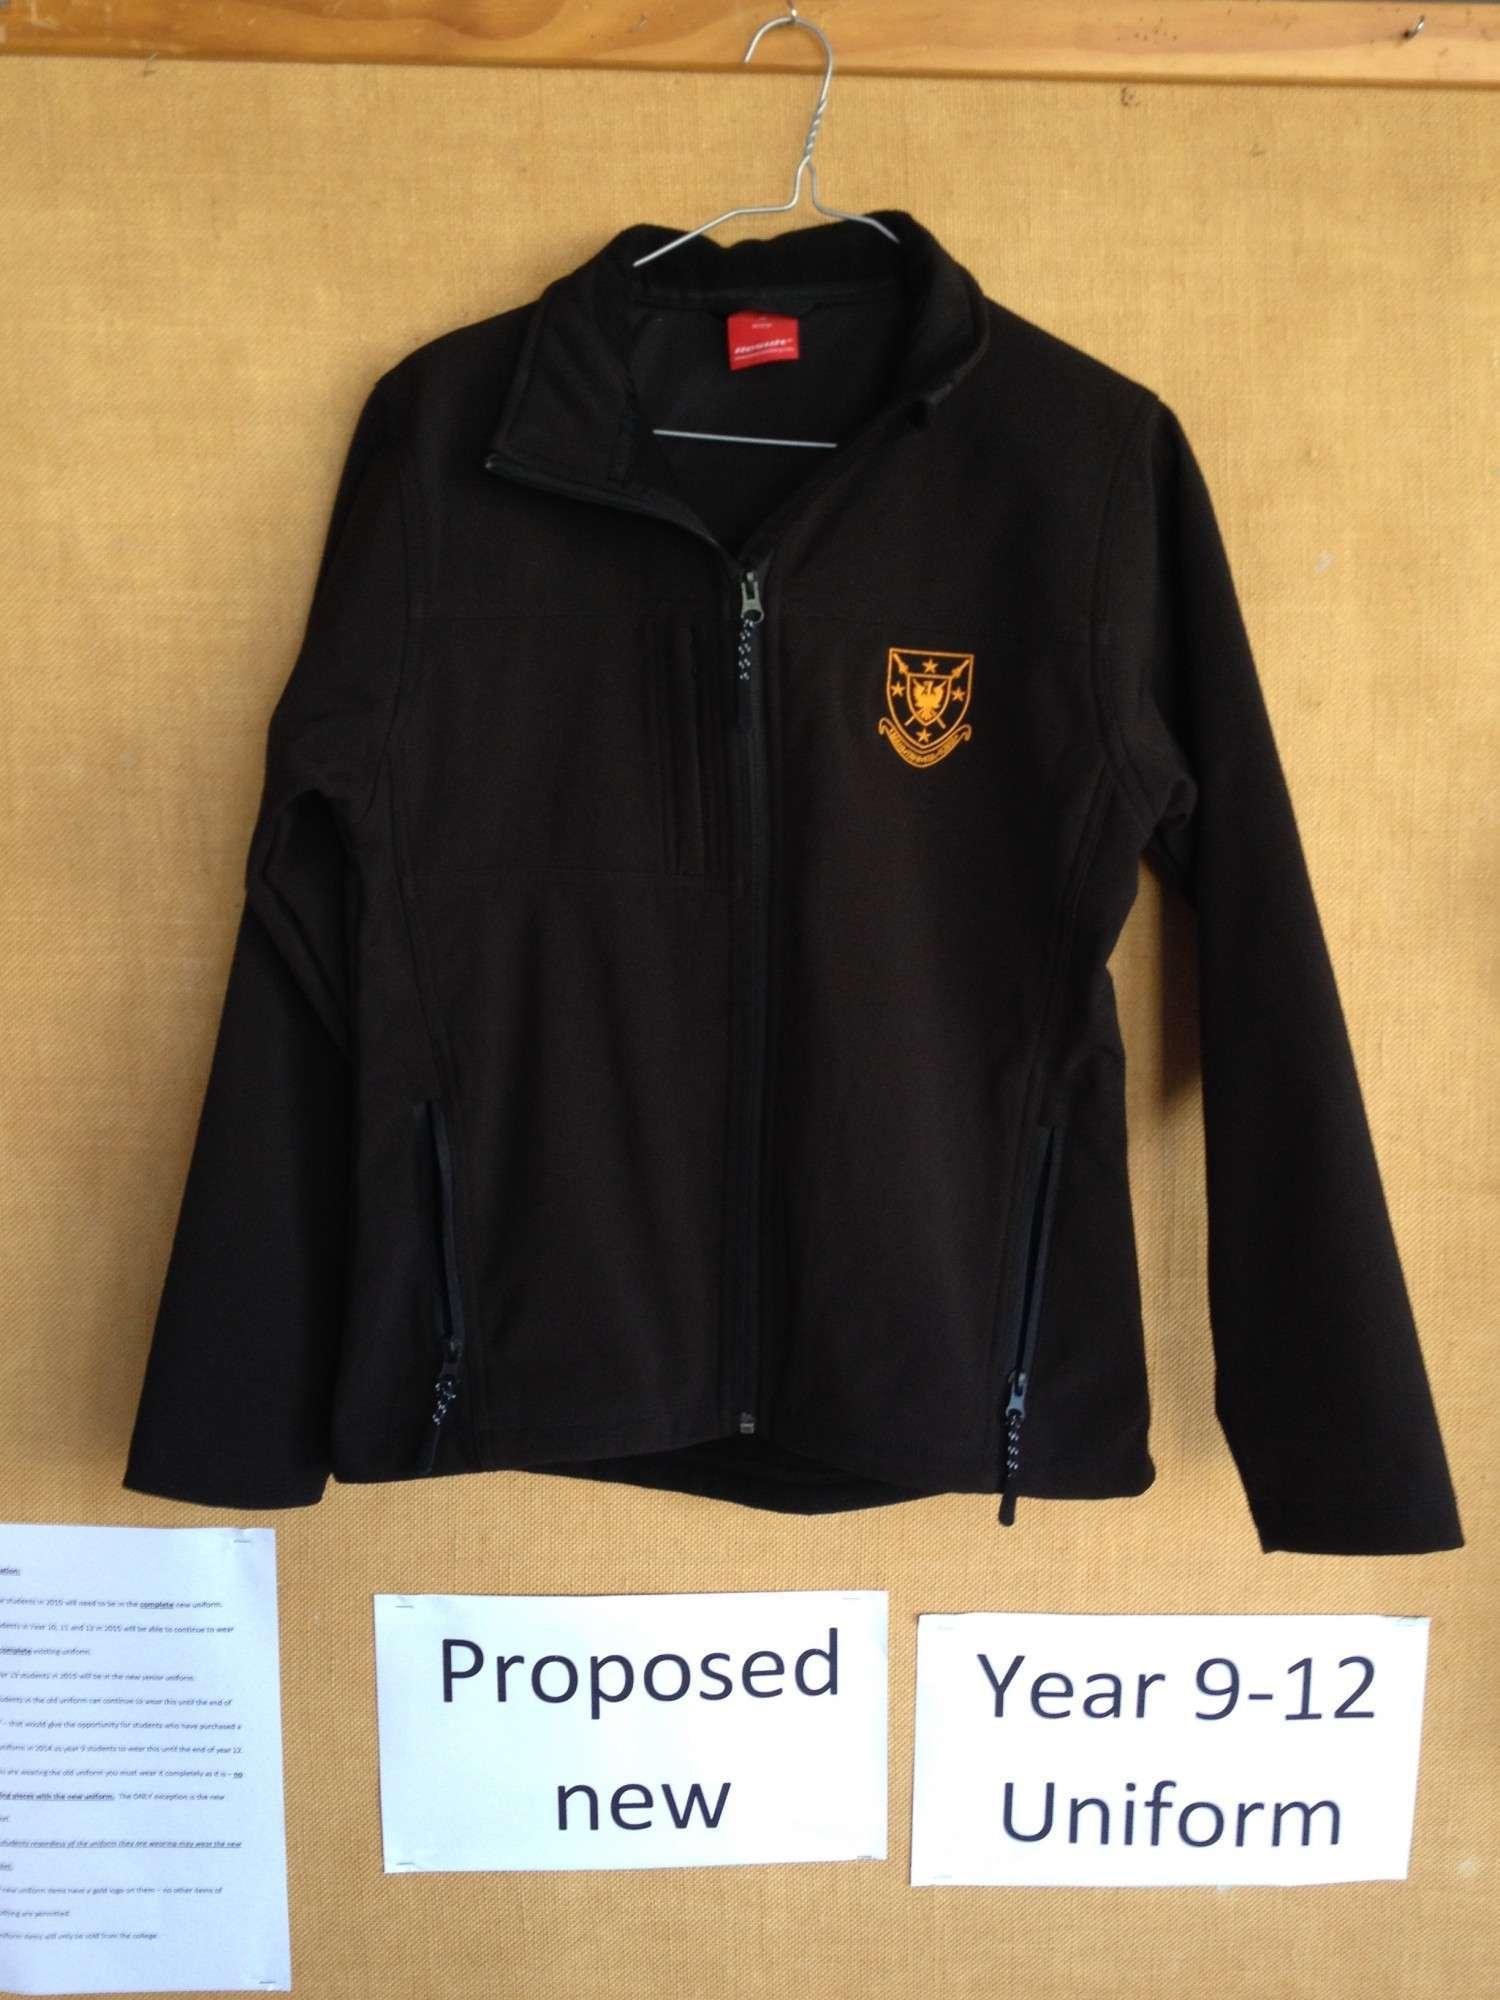 New Uniform proposals